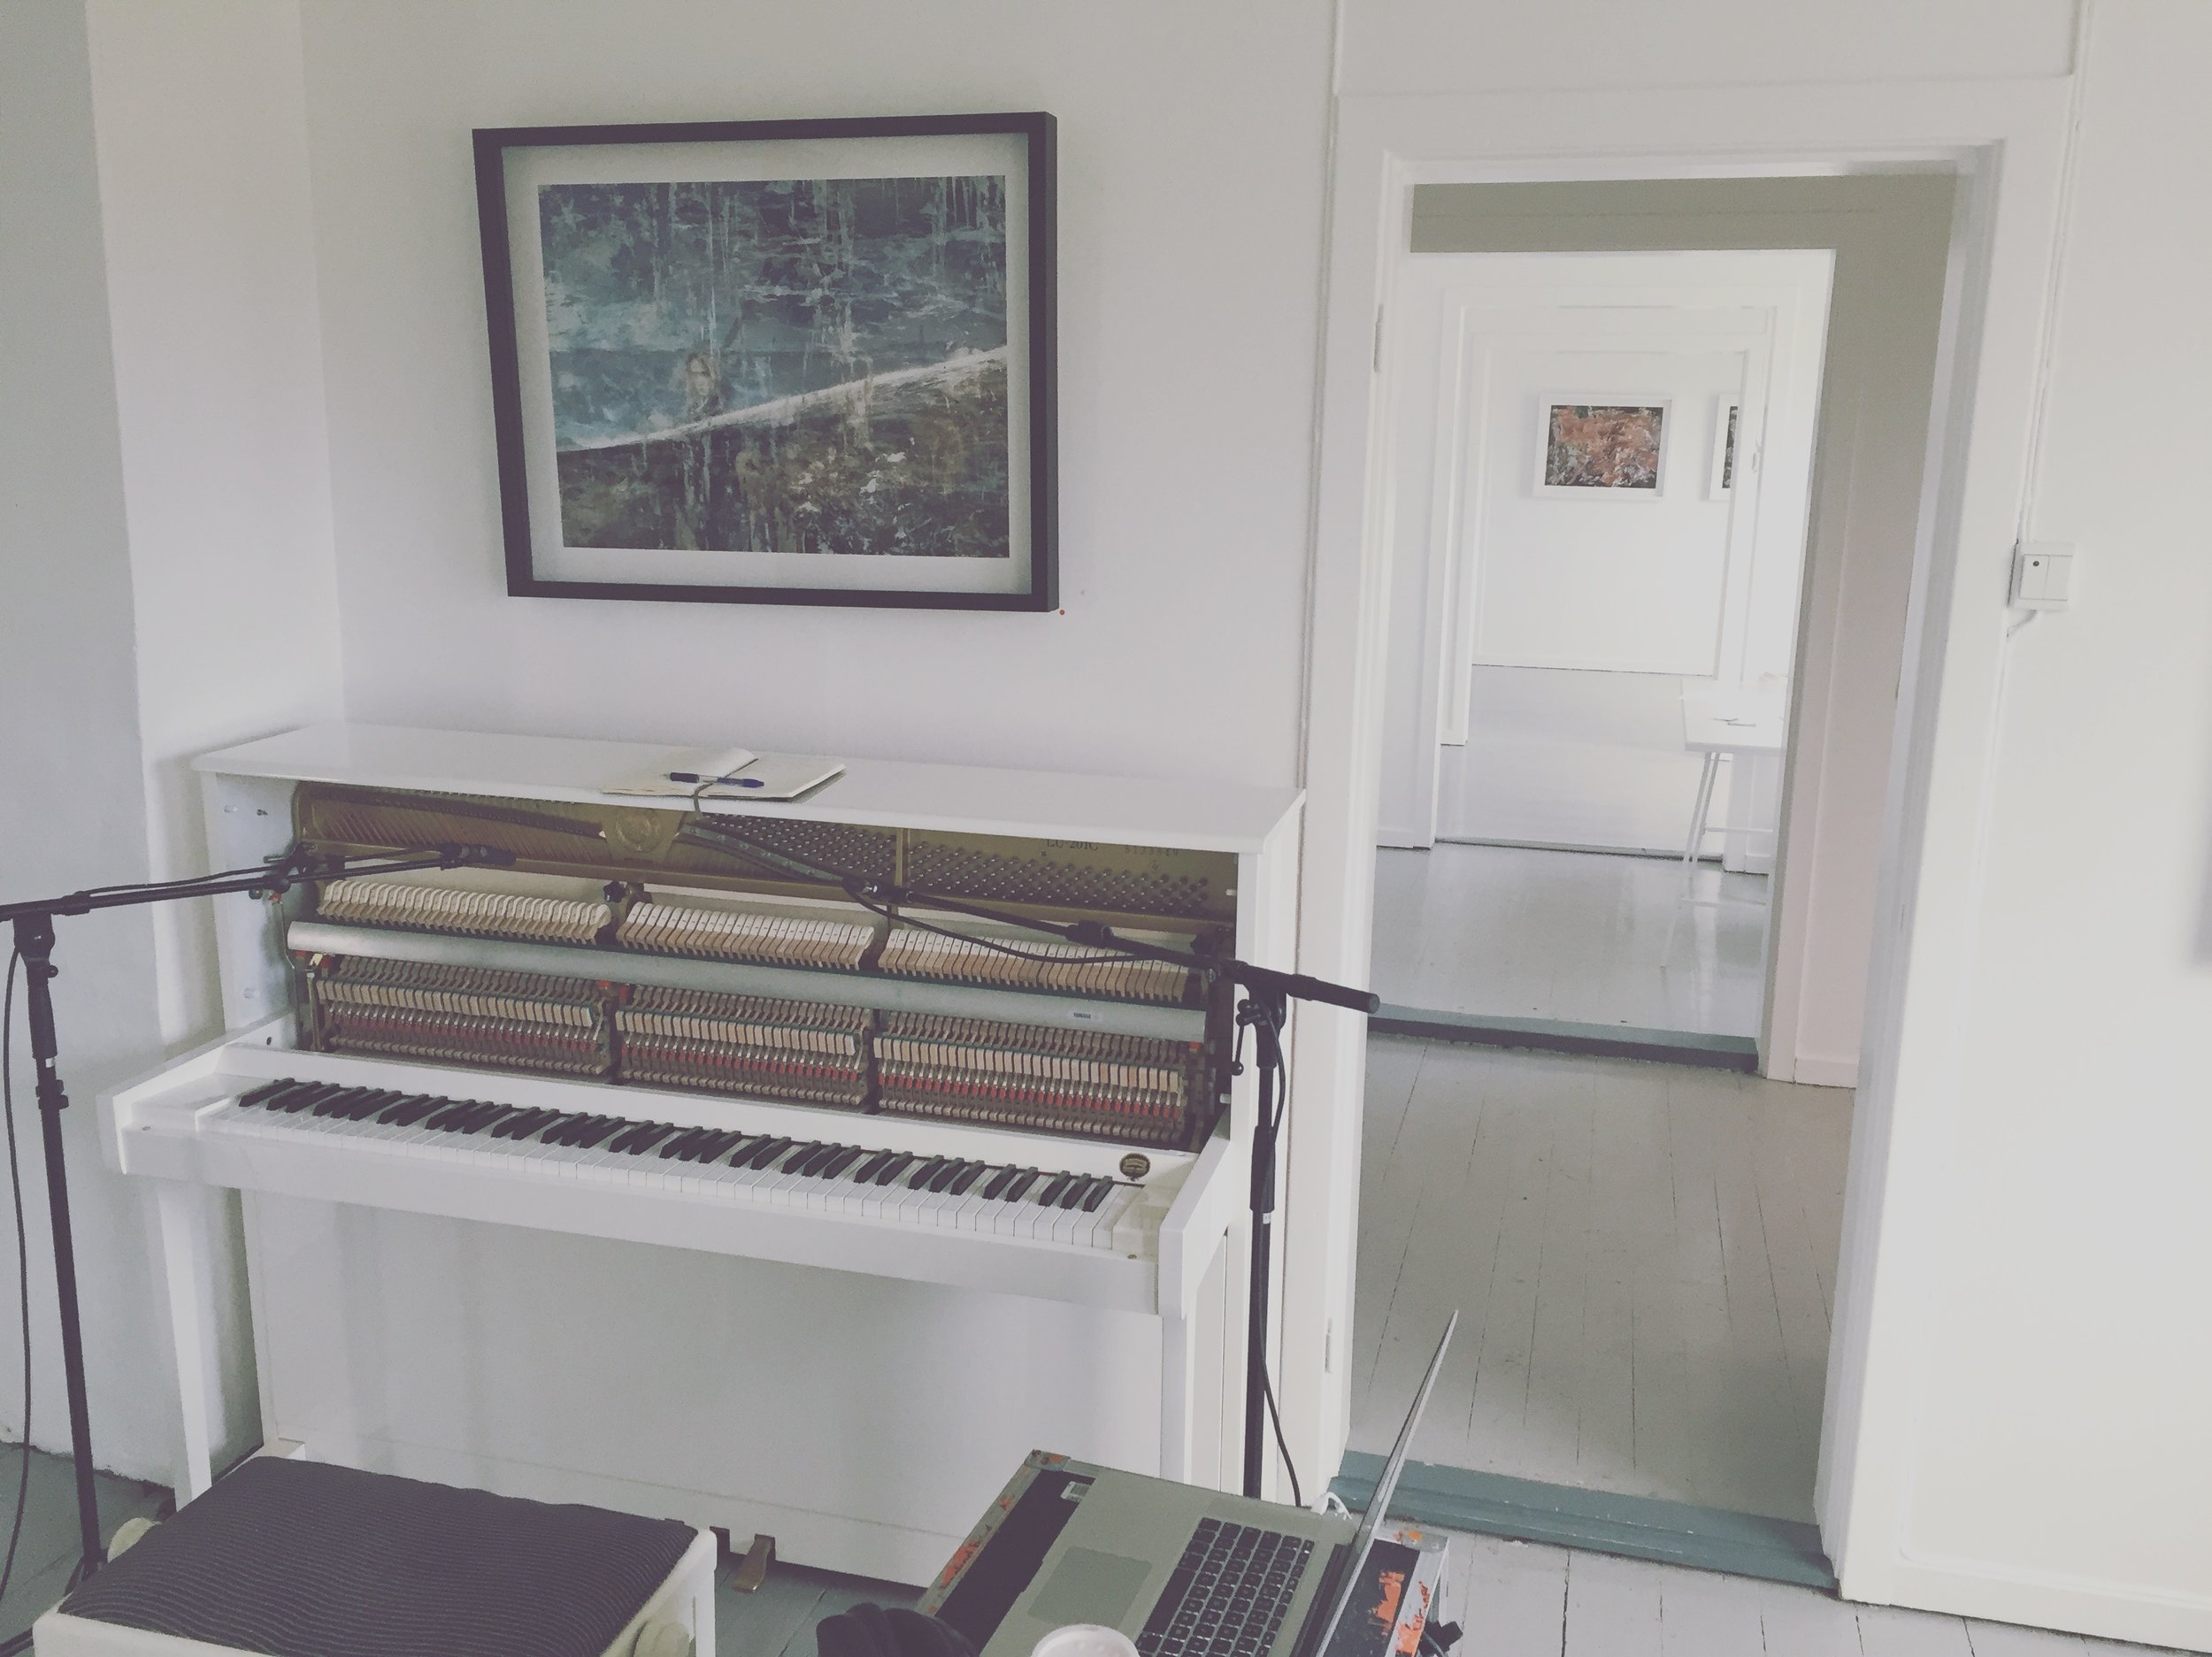 White piano / white art gallery.